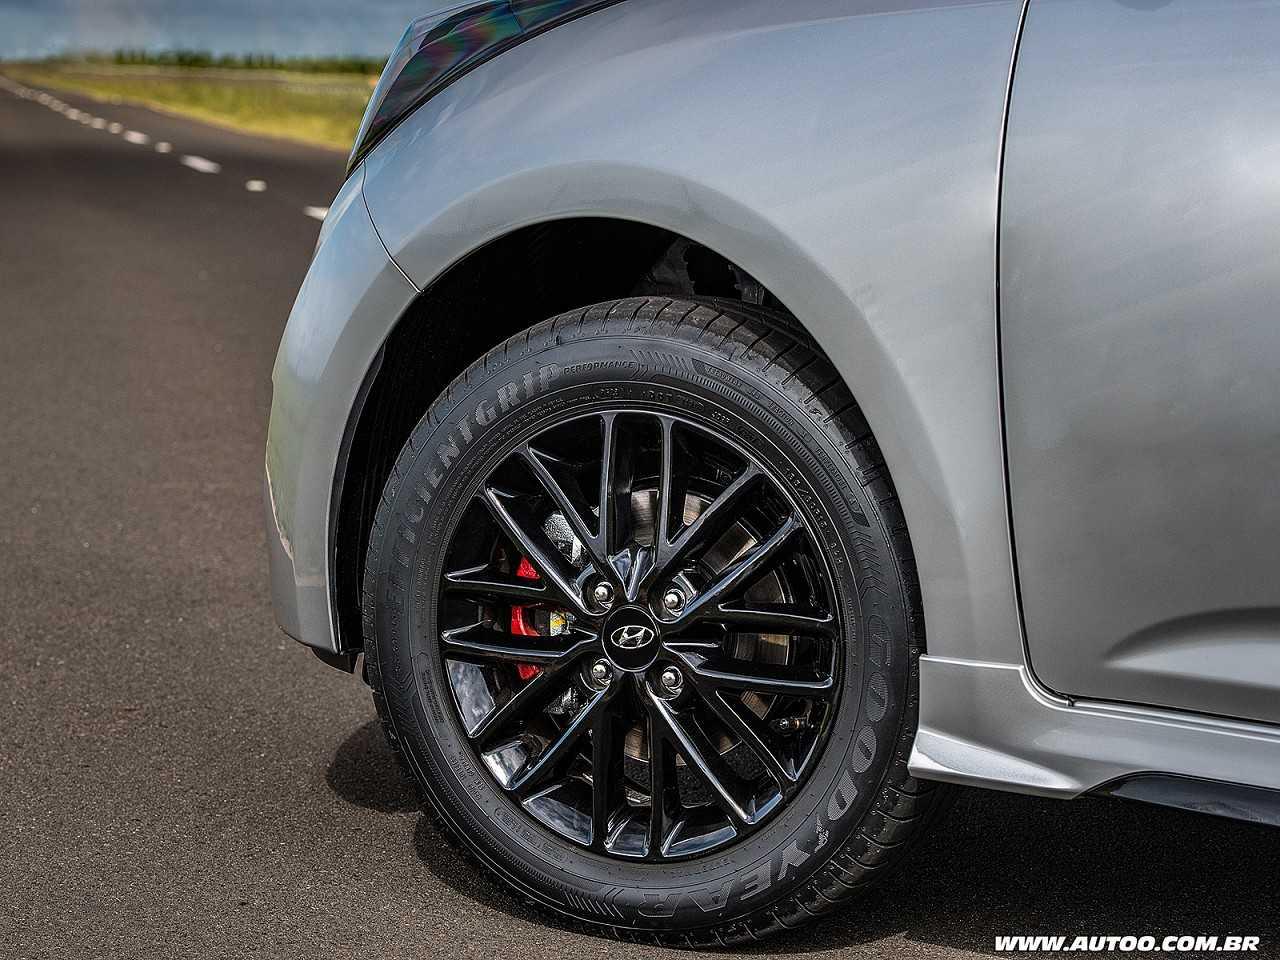 HyundaiHB20 2018 - rodas